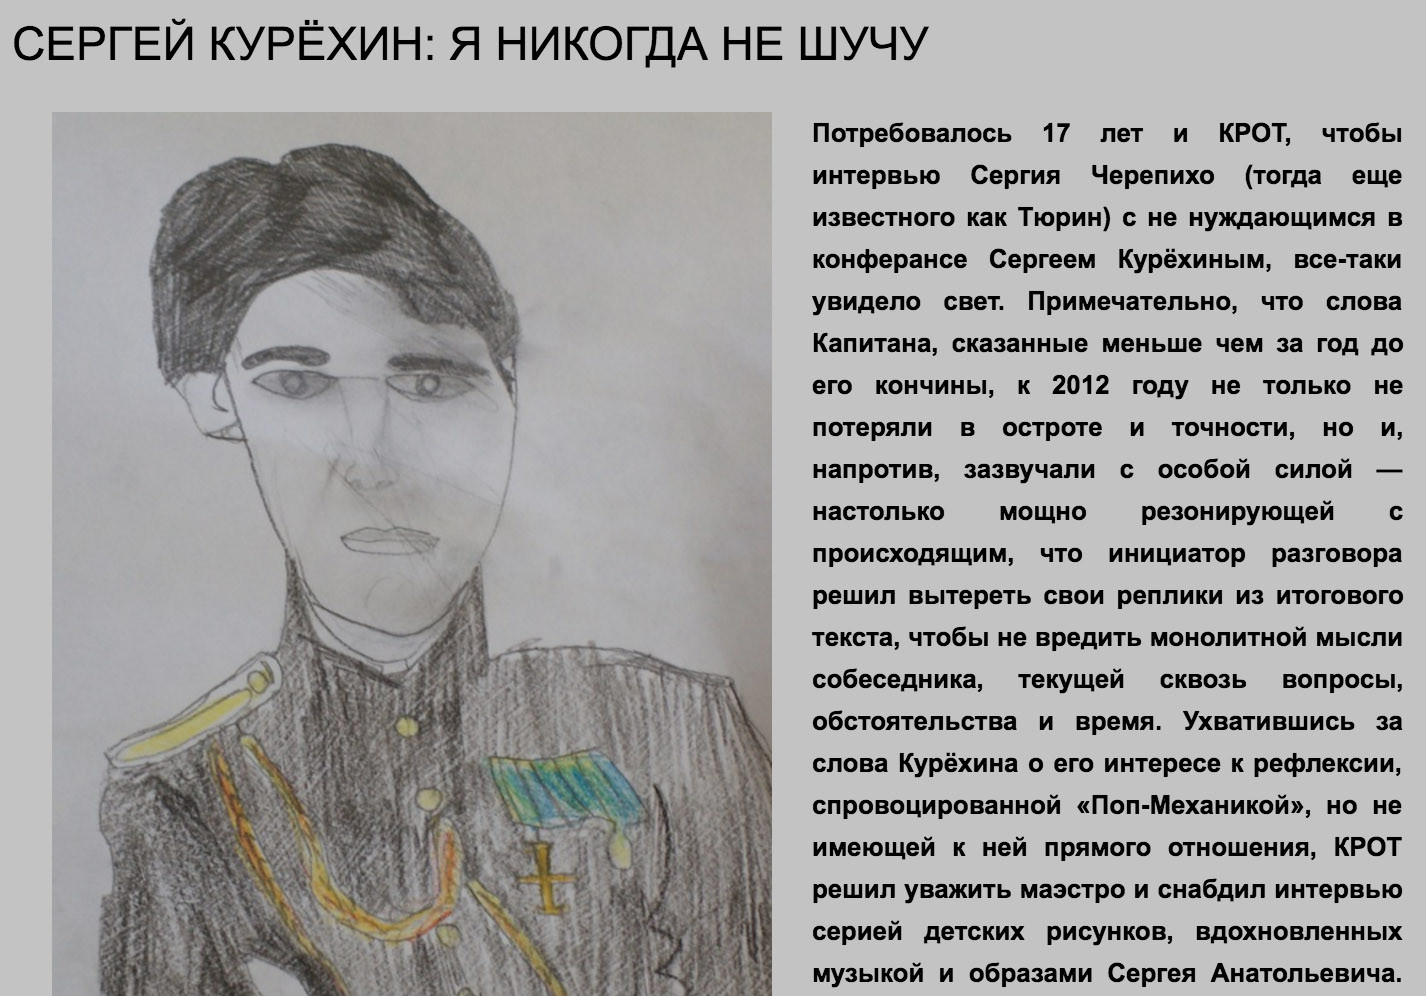 Фрагмент интервью с Сергеем Курехиным